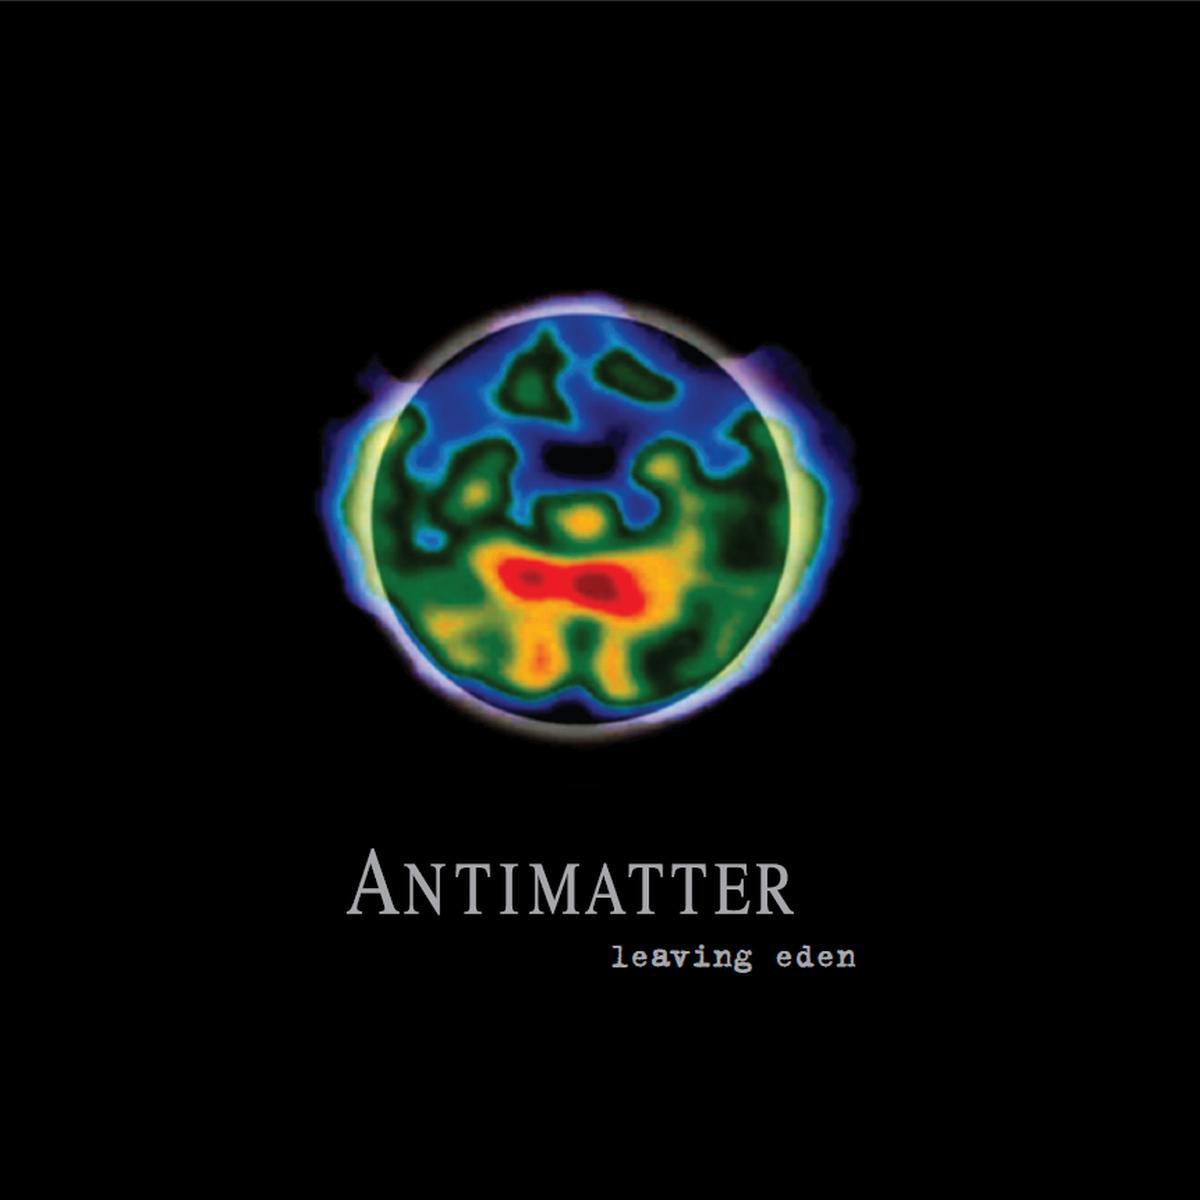 antimatter-leaving-eden-no-label